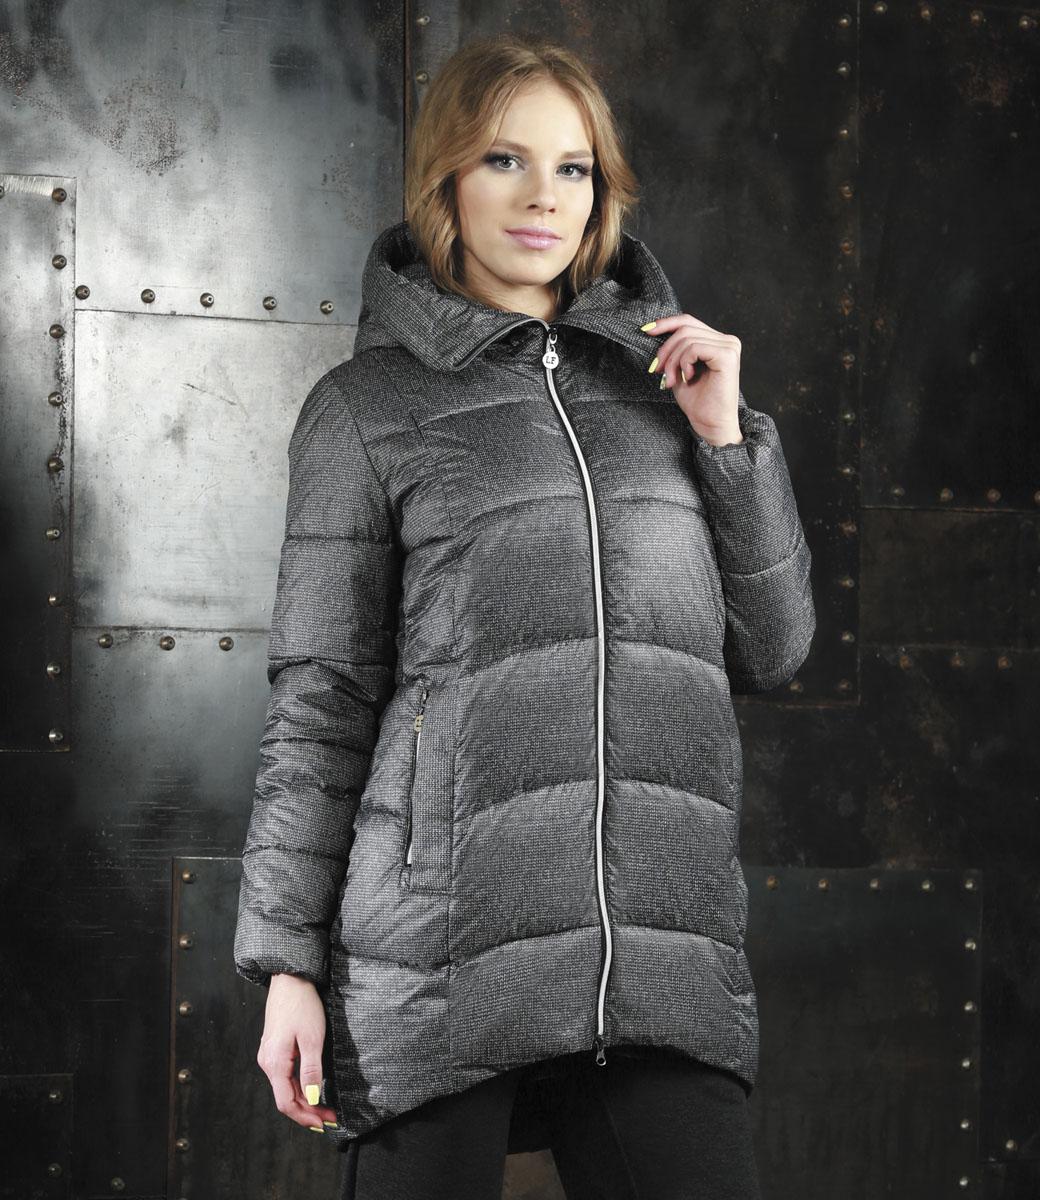 Куртка женская Grishko, цвет: серый. AL-2961/1. Размер 44AL-2961/1Удобная и комфортная женская куртка Grishko модного силуэта кокон выполнена из высококачественного полиамида и 100% утеплителя-полиэстера.Модель застегивается на застежку-молнию спереди и дополнена элегантным глубоким капюшоном, дополнительно защищающим от непогоды. Длина до середины бедра, удлиненная по спинке ассиметричная линия низа, 2 боковых втачных кармана на молнии и один потайной внутри изделия. Такая курточка оформлена оригинальным цветочным узором. Незаменимая модель в холодную осеннюю и зимнюю погоду. Утеплитель 100% полиэстер.